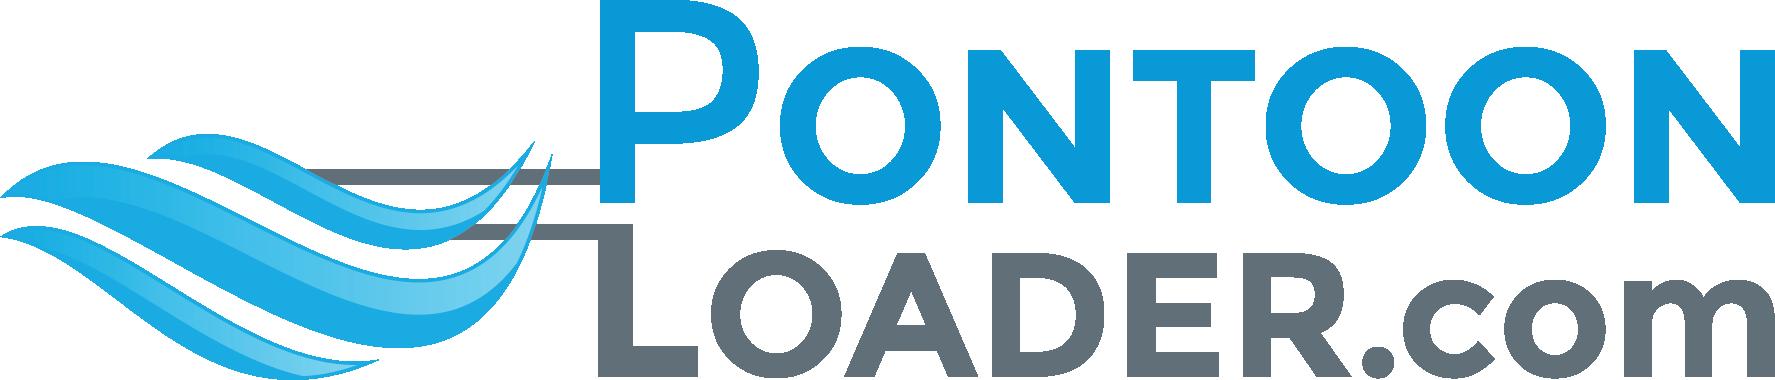 PontoonLoader.com